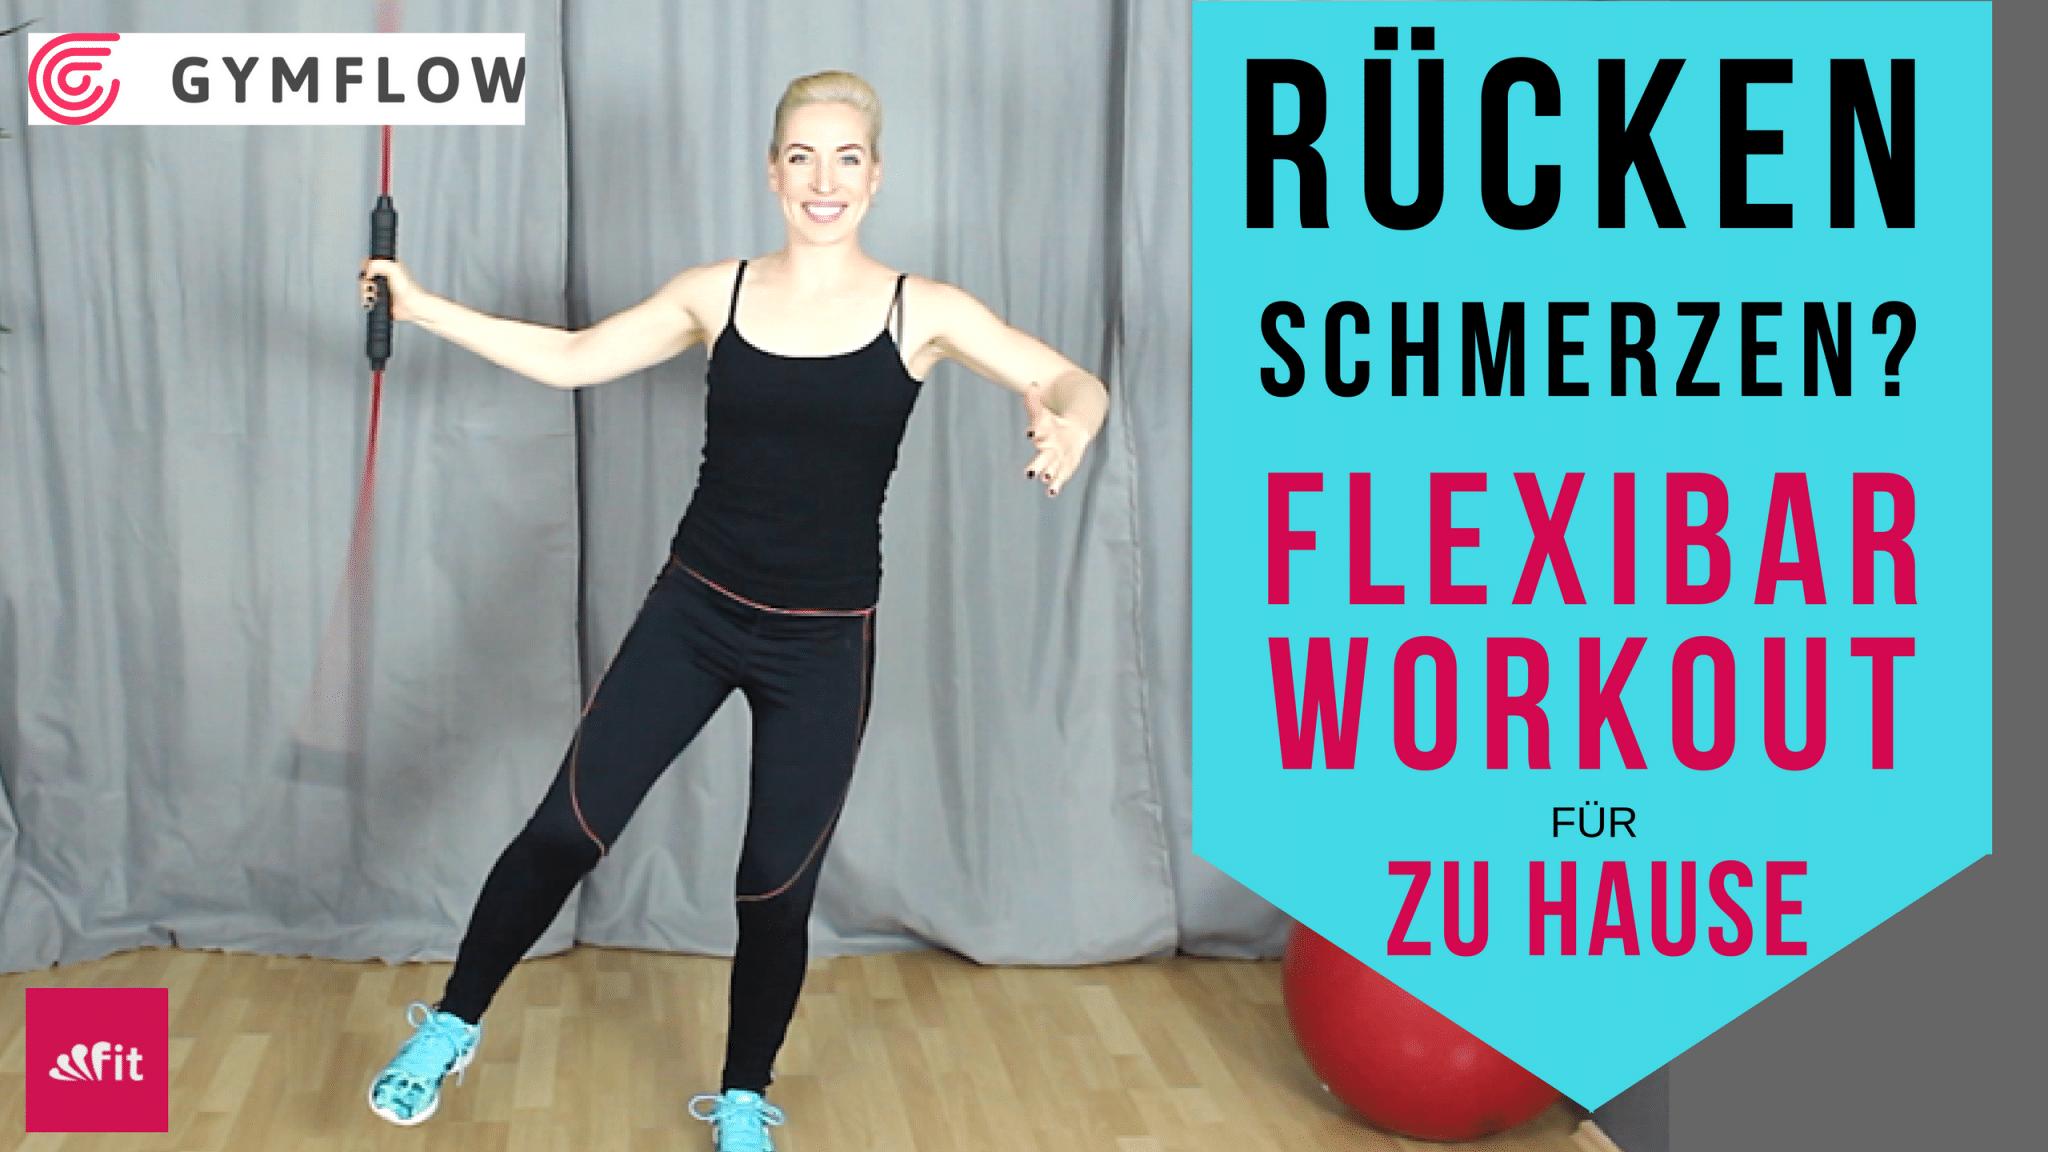 Flexi Bar Übungen und Wirkung   RückenFit mit Gymflow Video